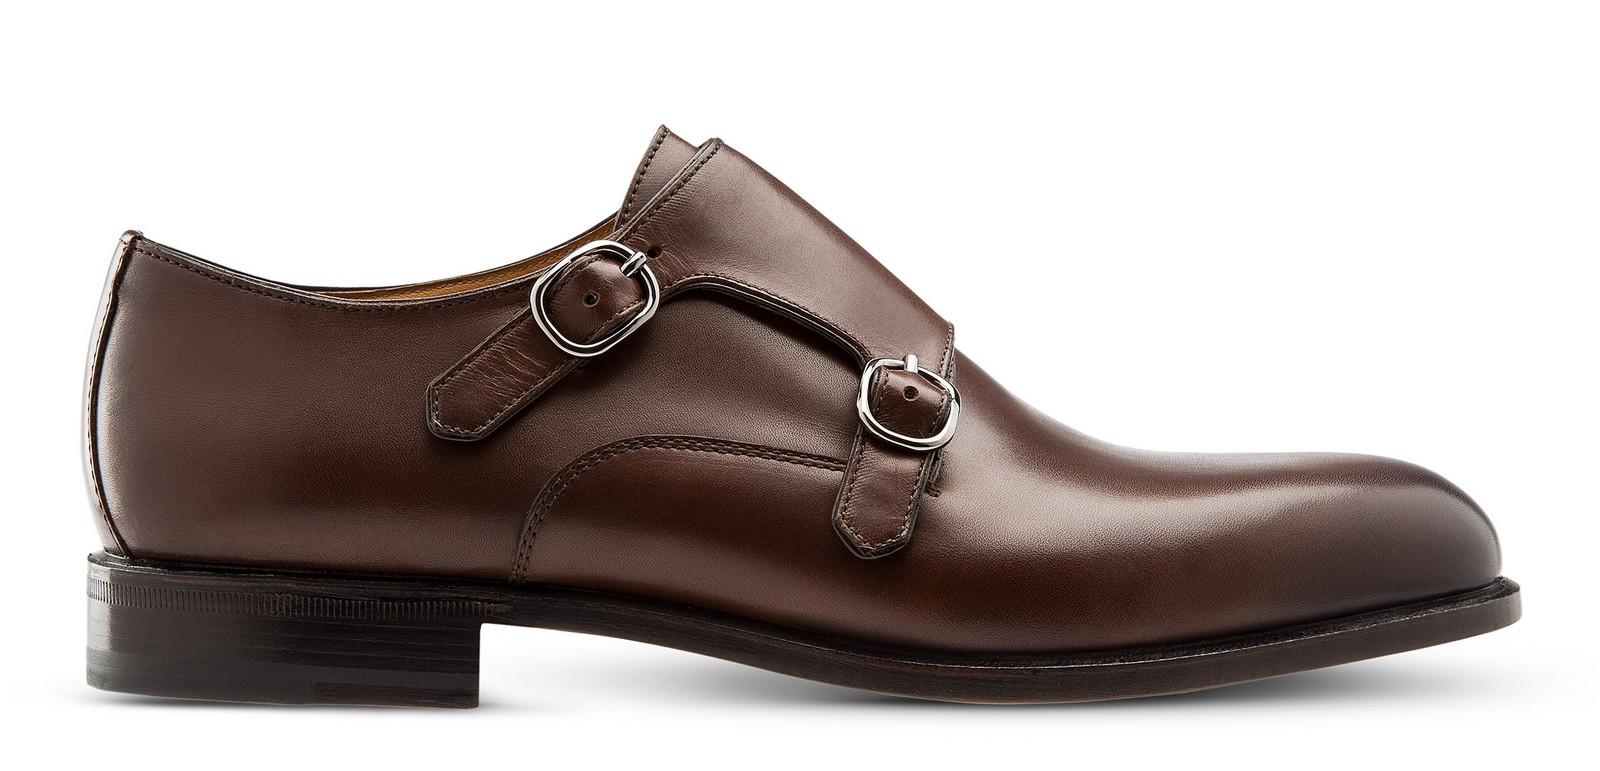 promo code 2bdbe 2ac4c Moreschi scarpe da oltre 70 anni - Il blog del Marchese